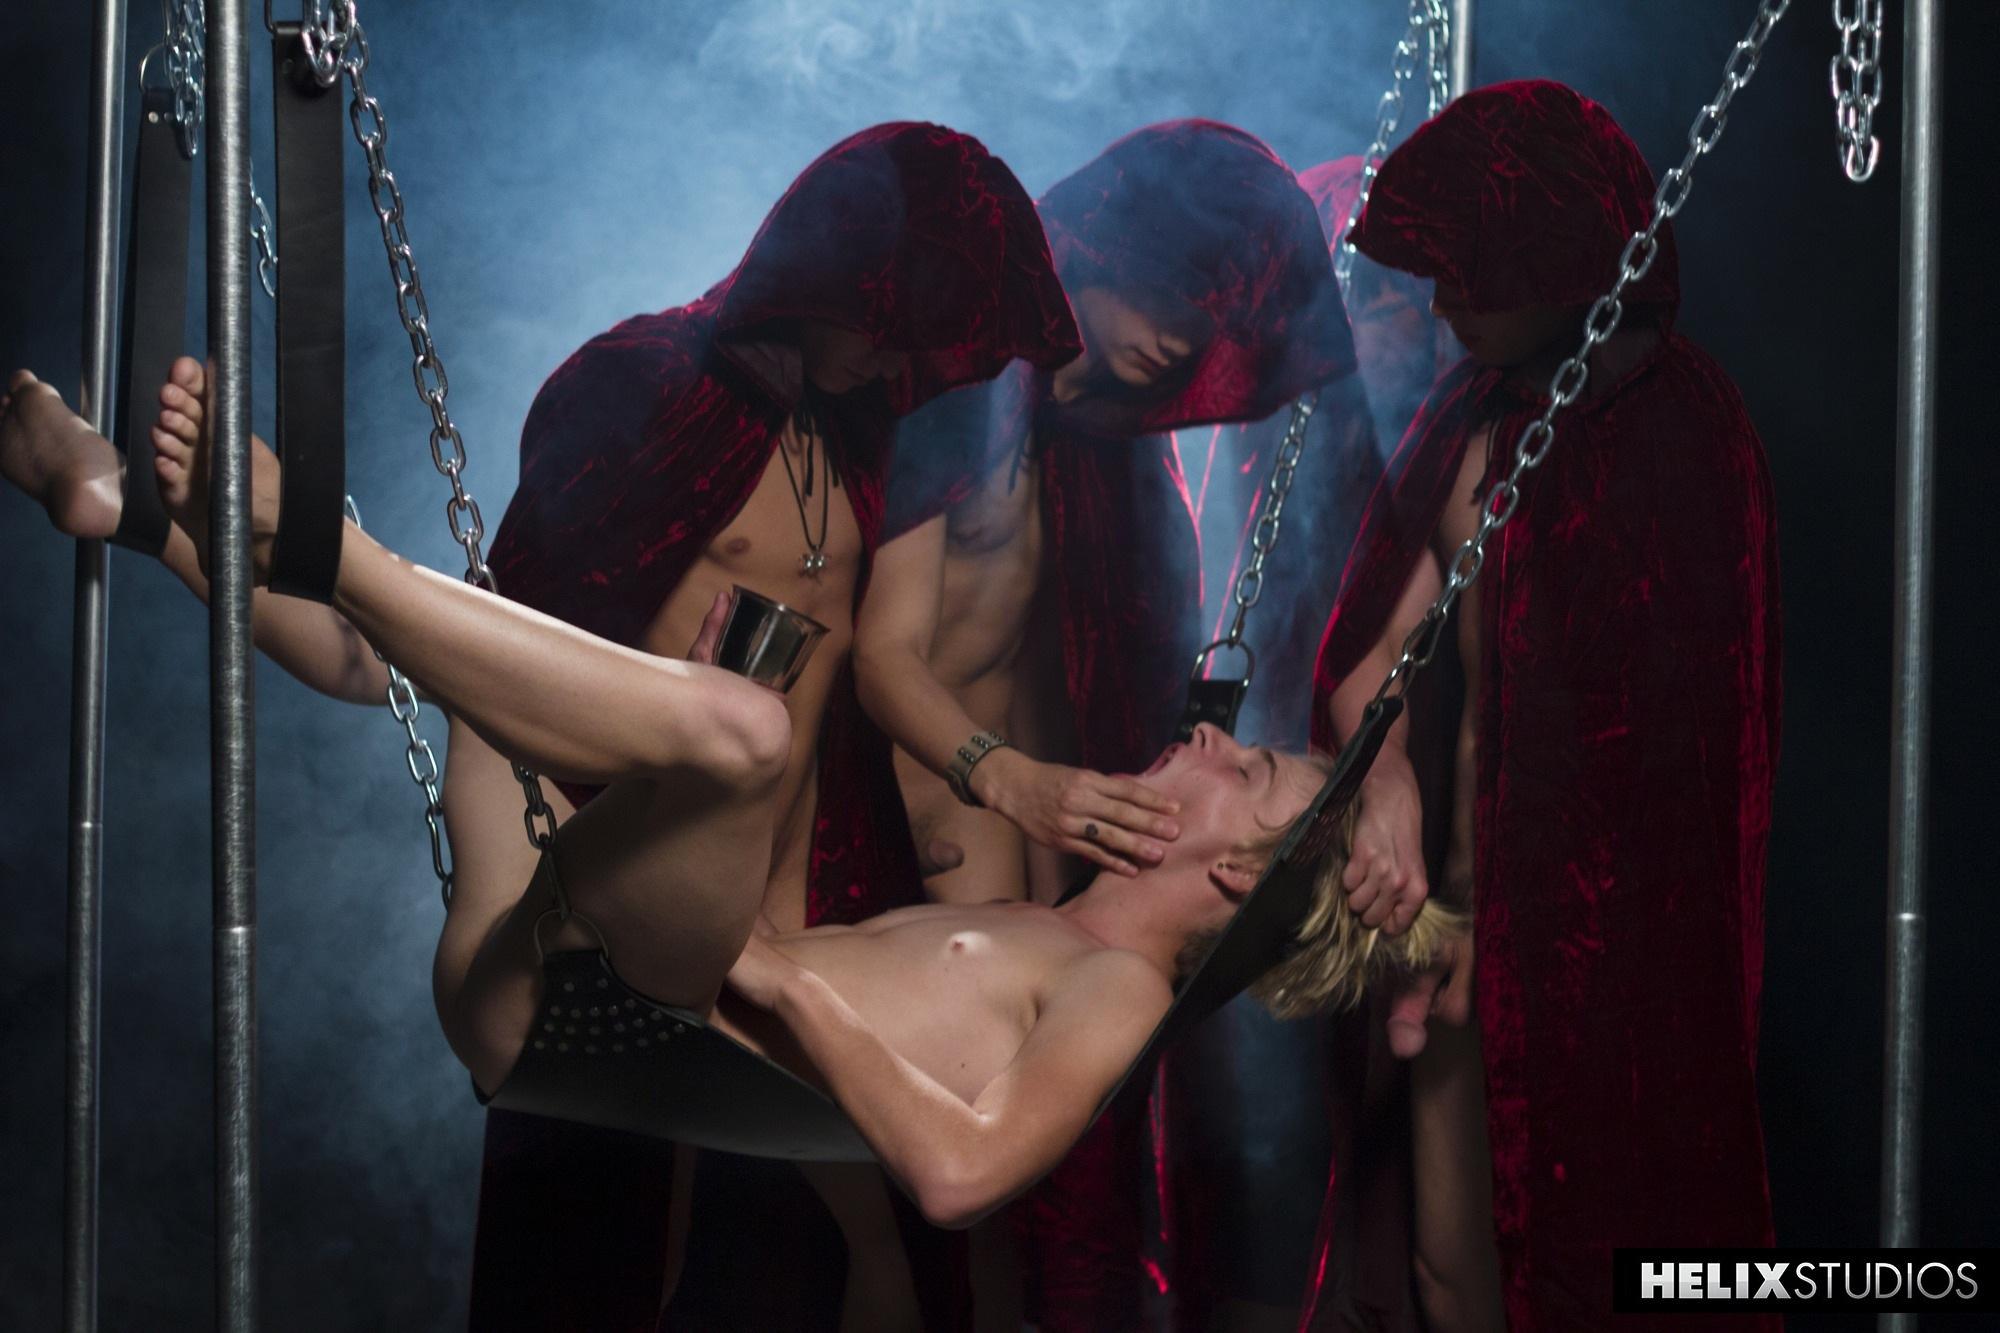 Ritual porn